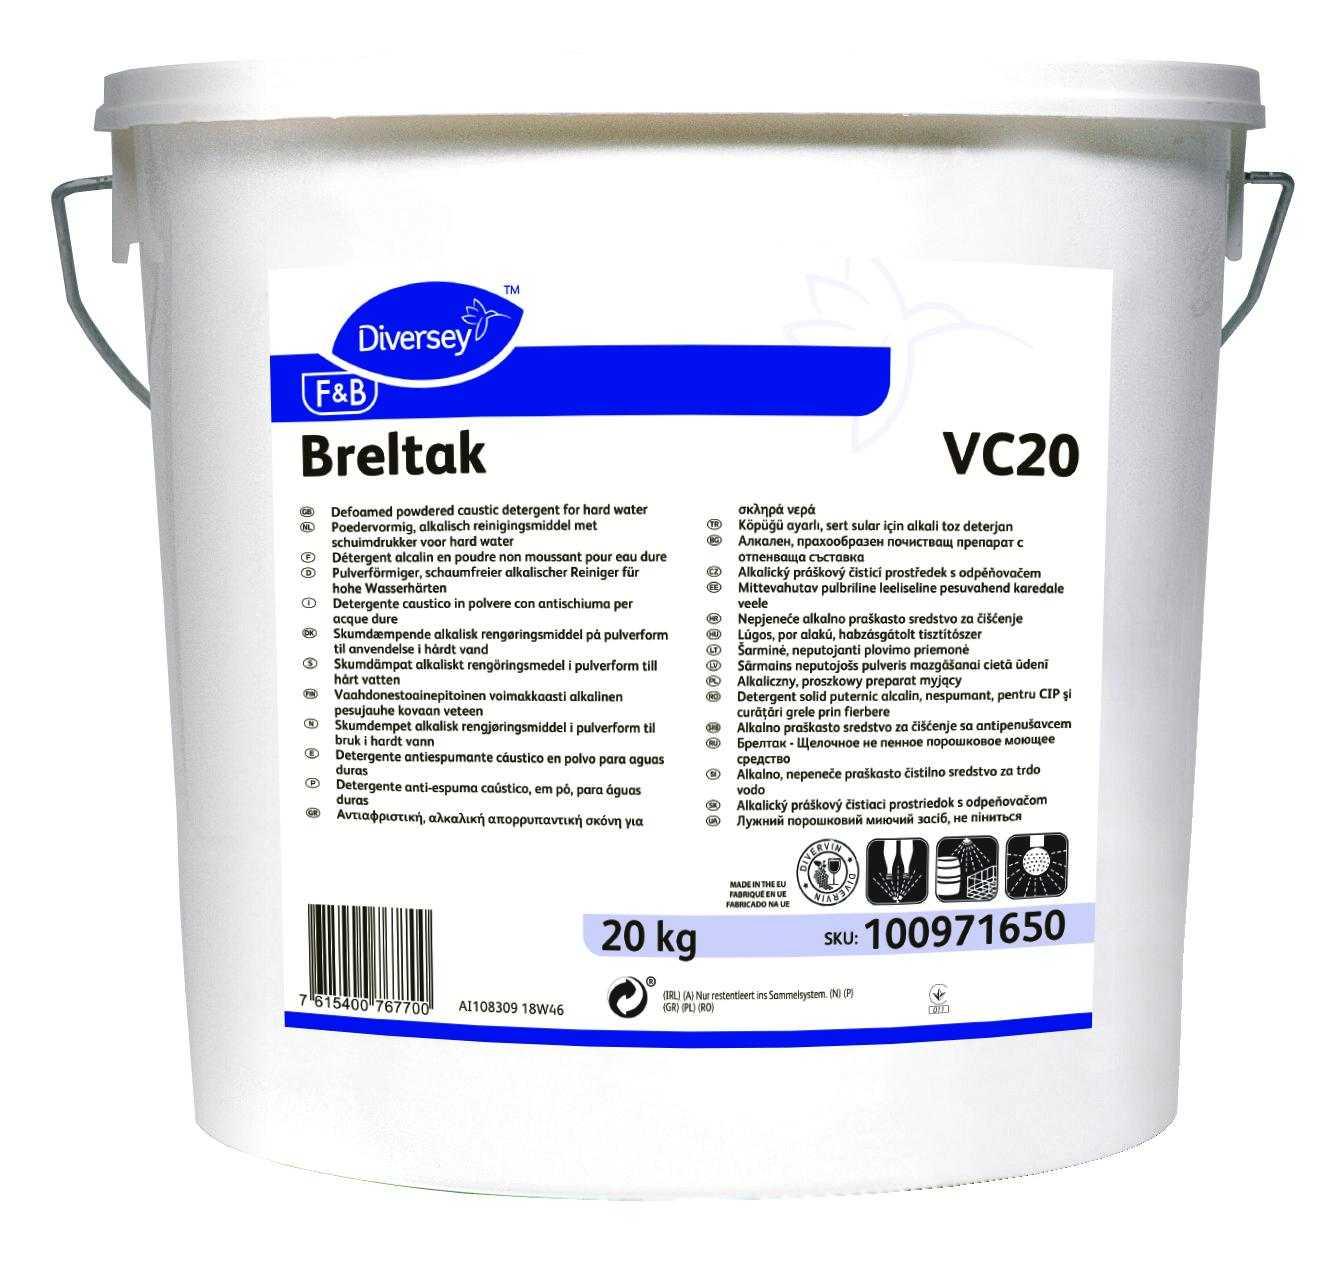 100971650-Breltak-VC20-20kg.jpg